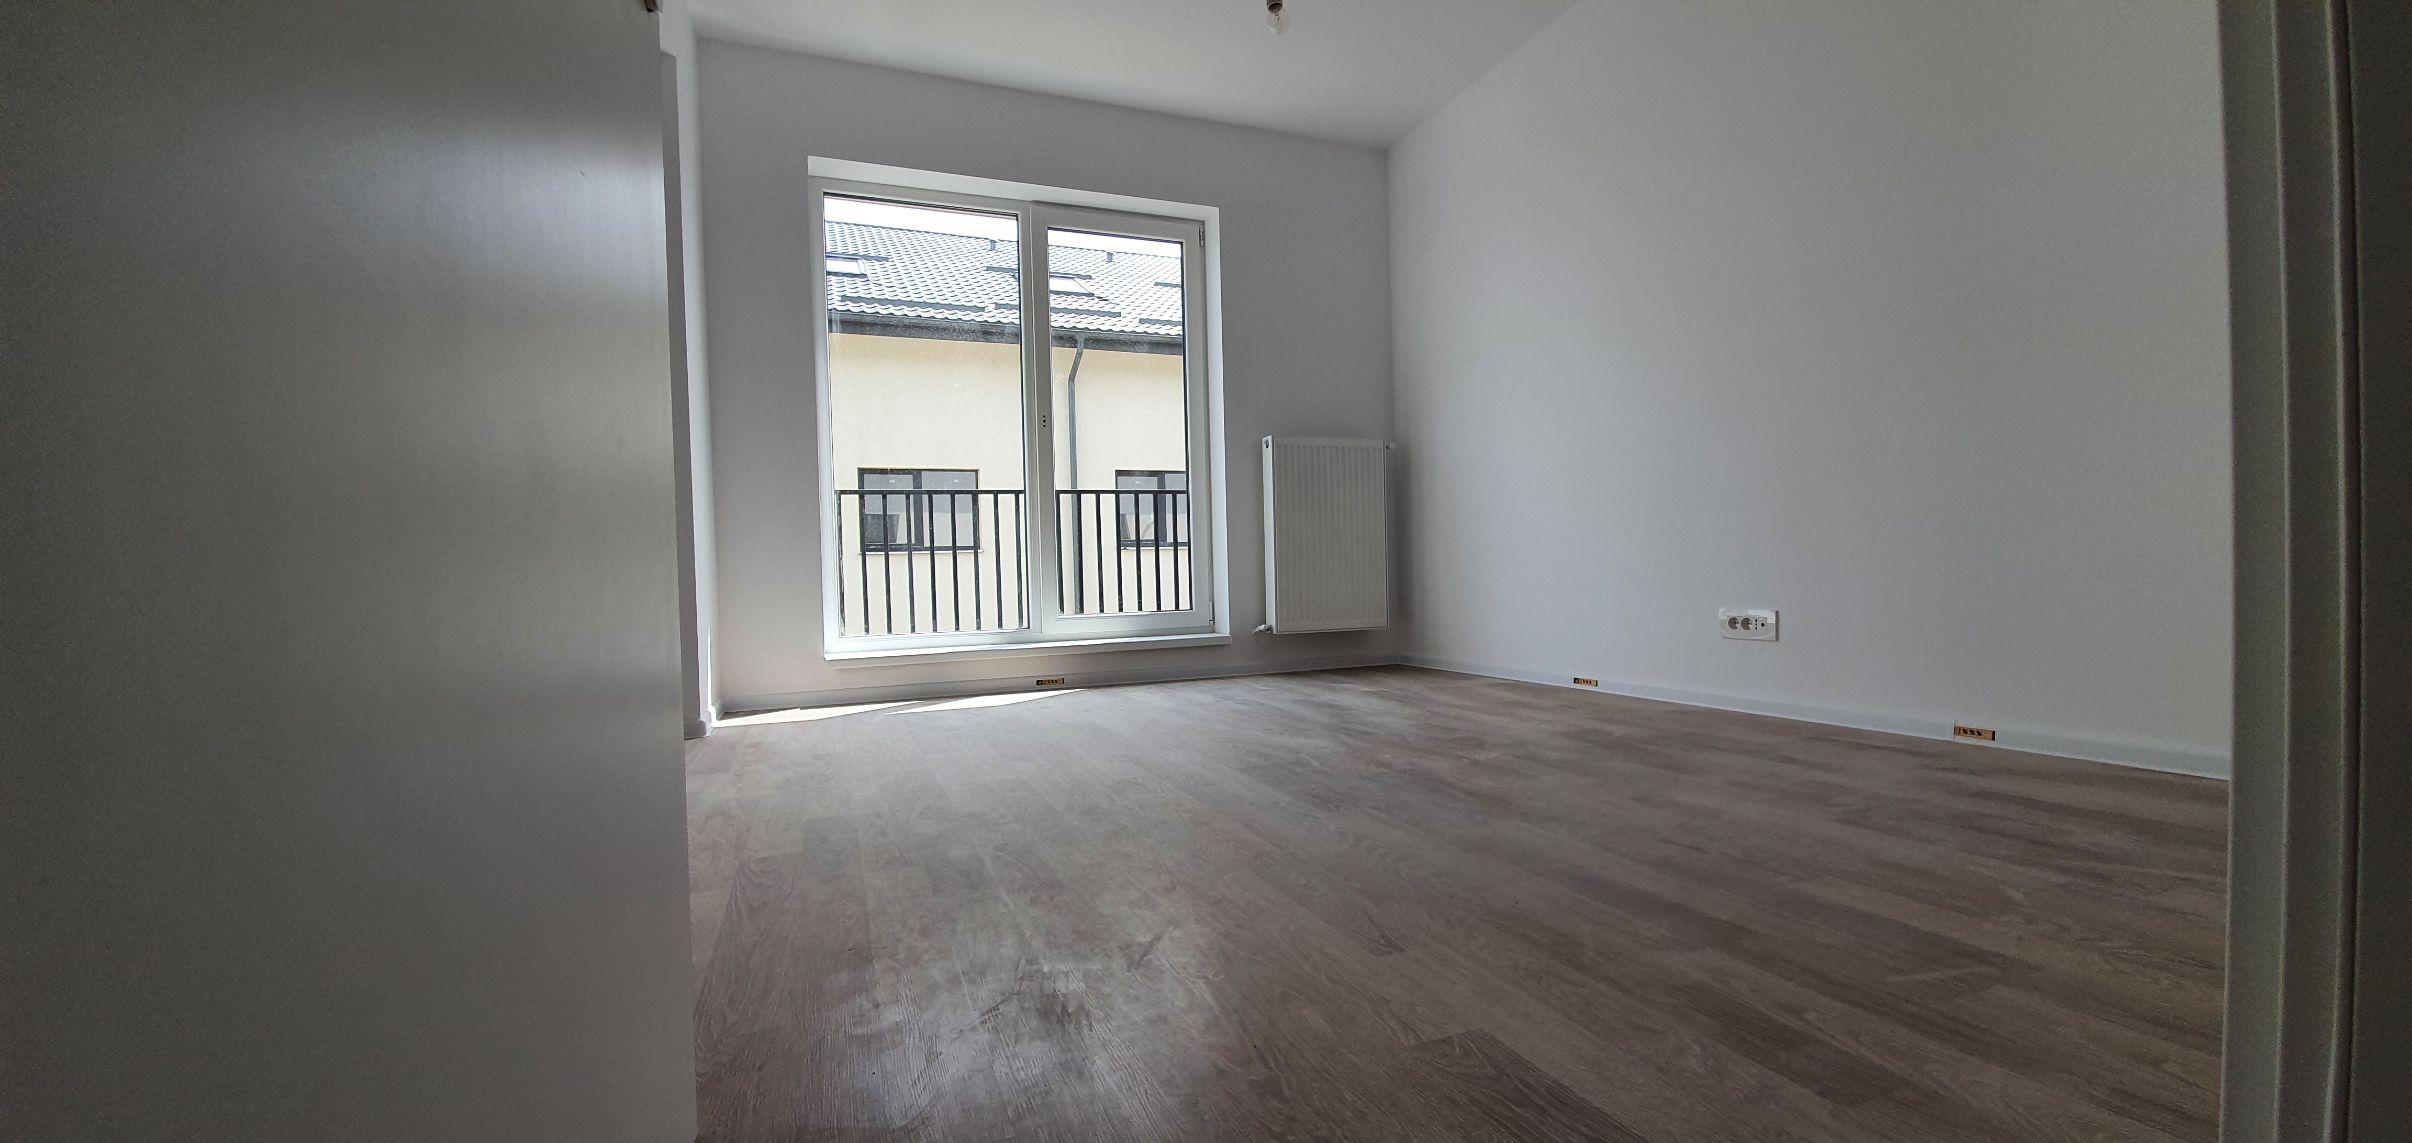 Bloc 2 - Etaj 2 - Apartament 13 - Dormitor